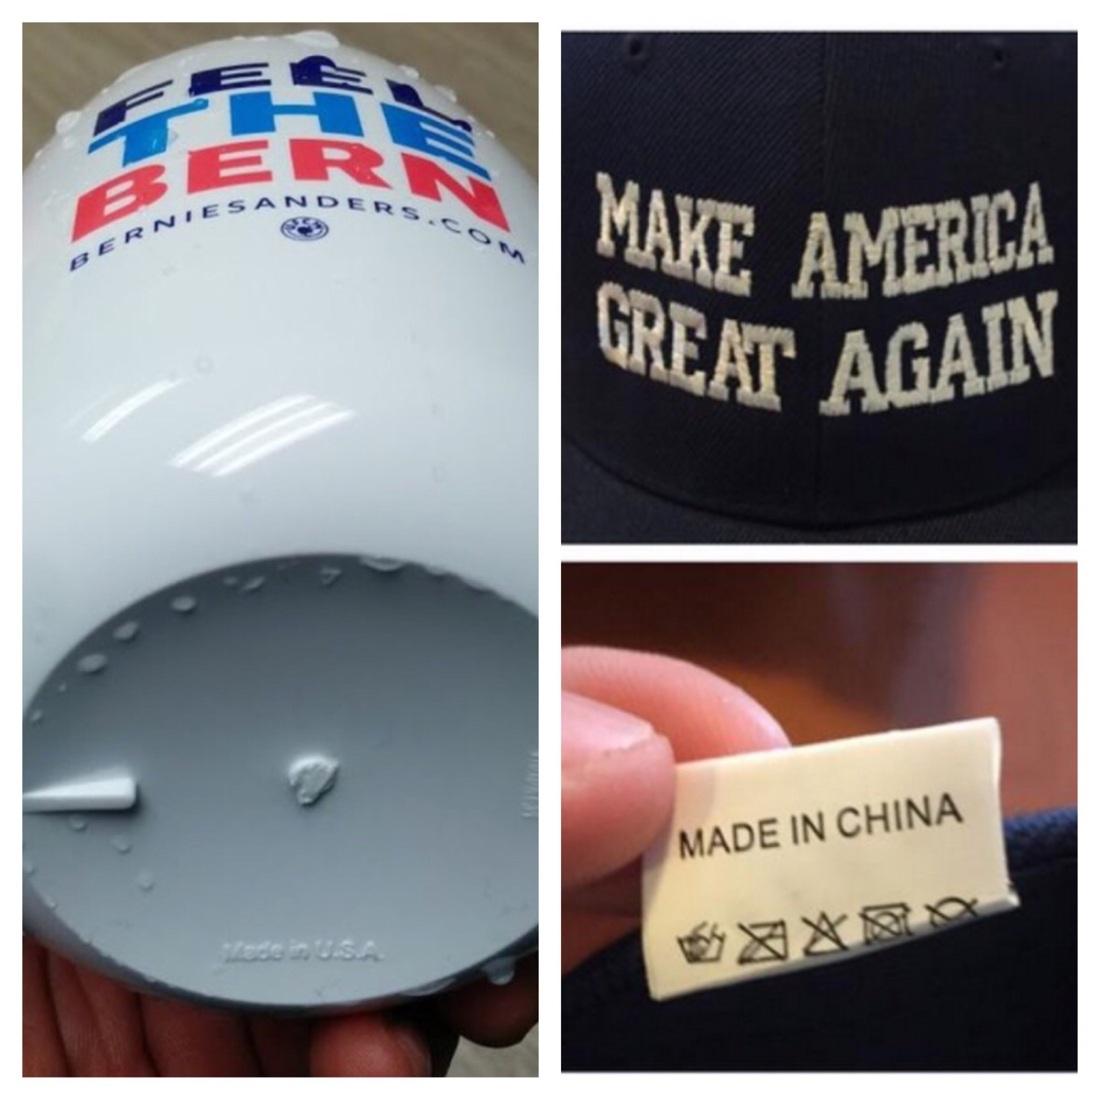 hat-and-mug